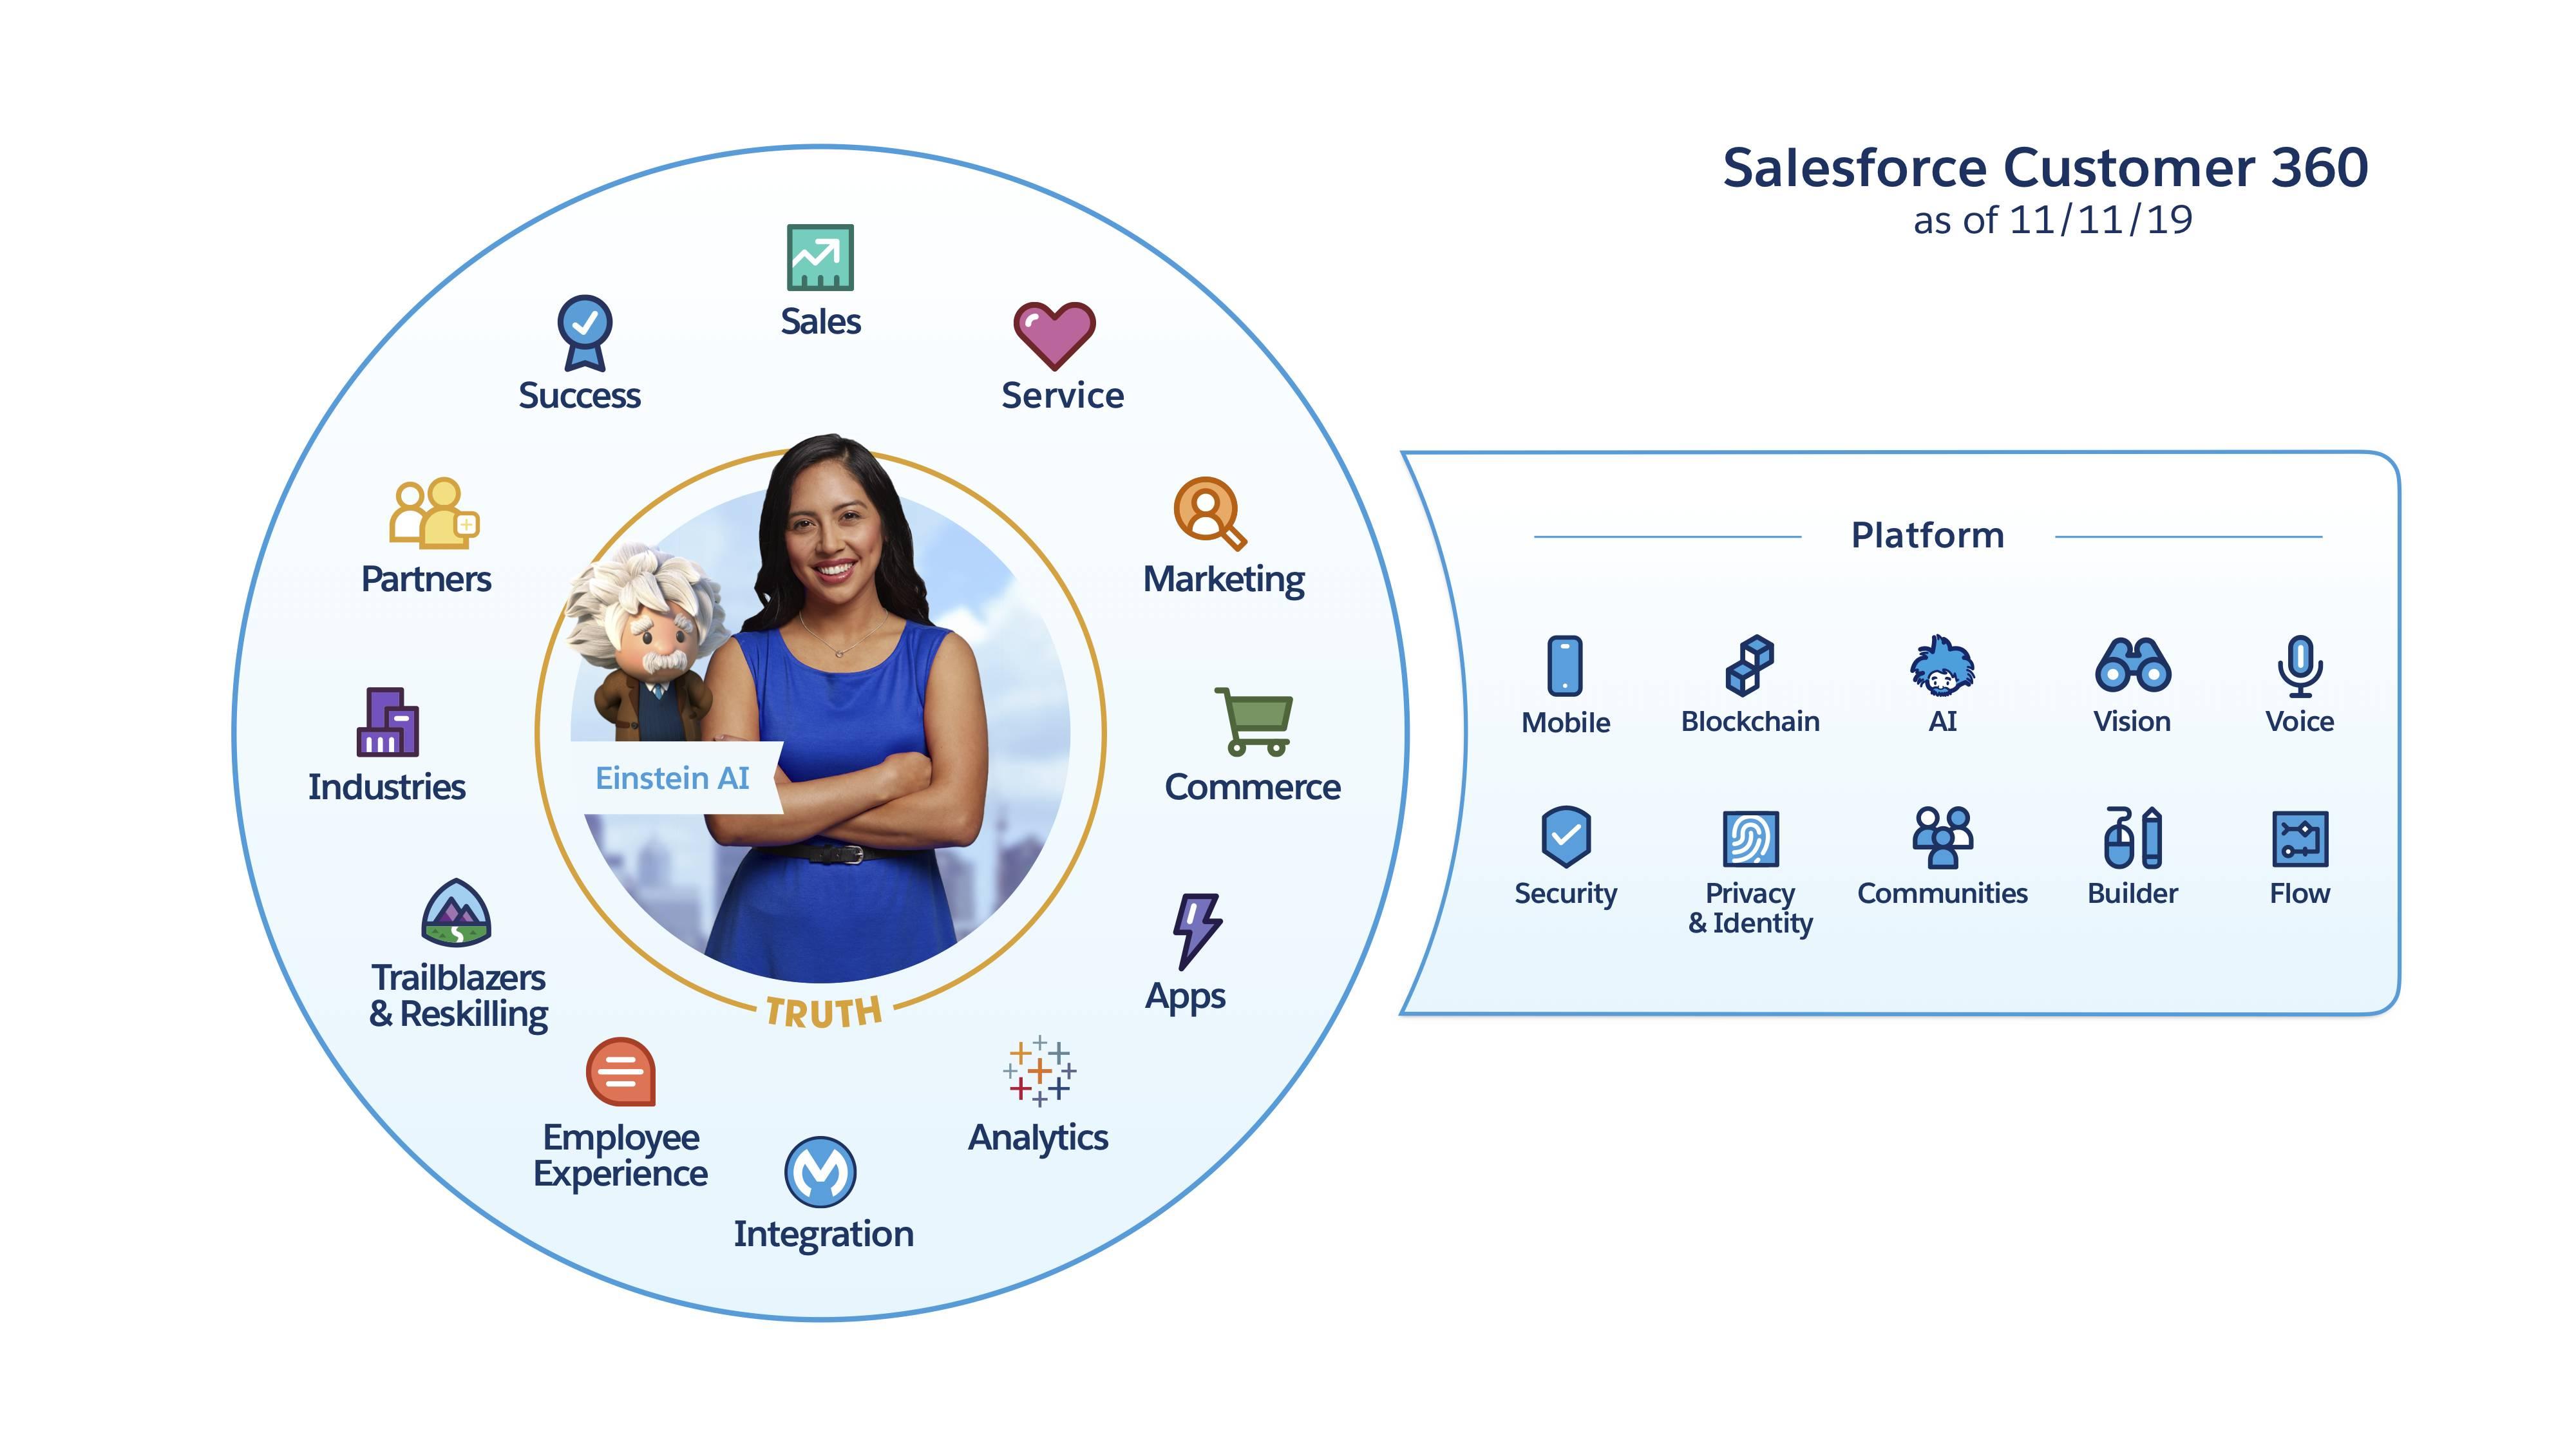 Salesforce Customer360comprend un ensemble d'applications, telles que les applications des services commercial, client et marketing, ainsi qu'une plate-forme avec des services intégrés tels que les services de sécurité, de technologie vocale et les services mobiles.